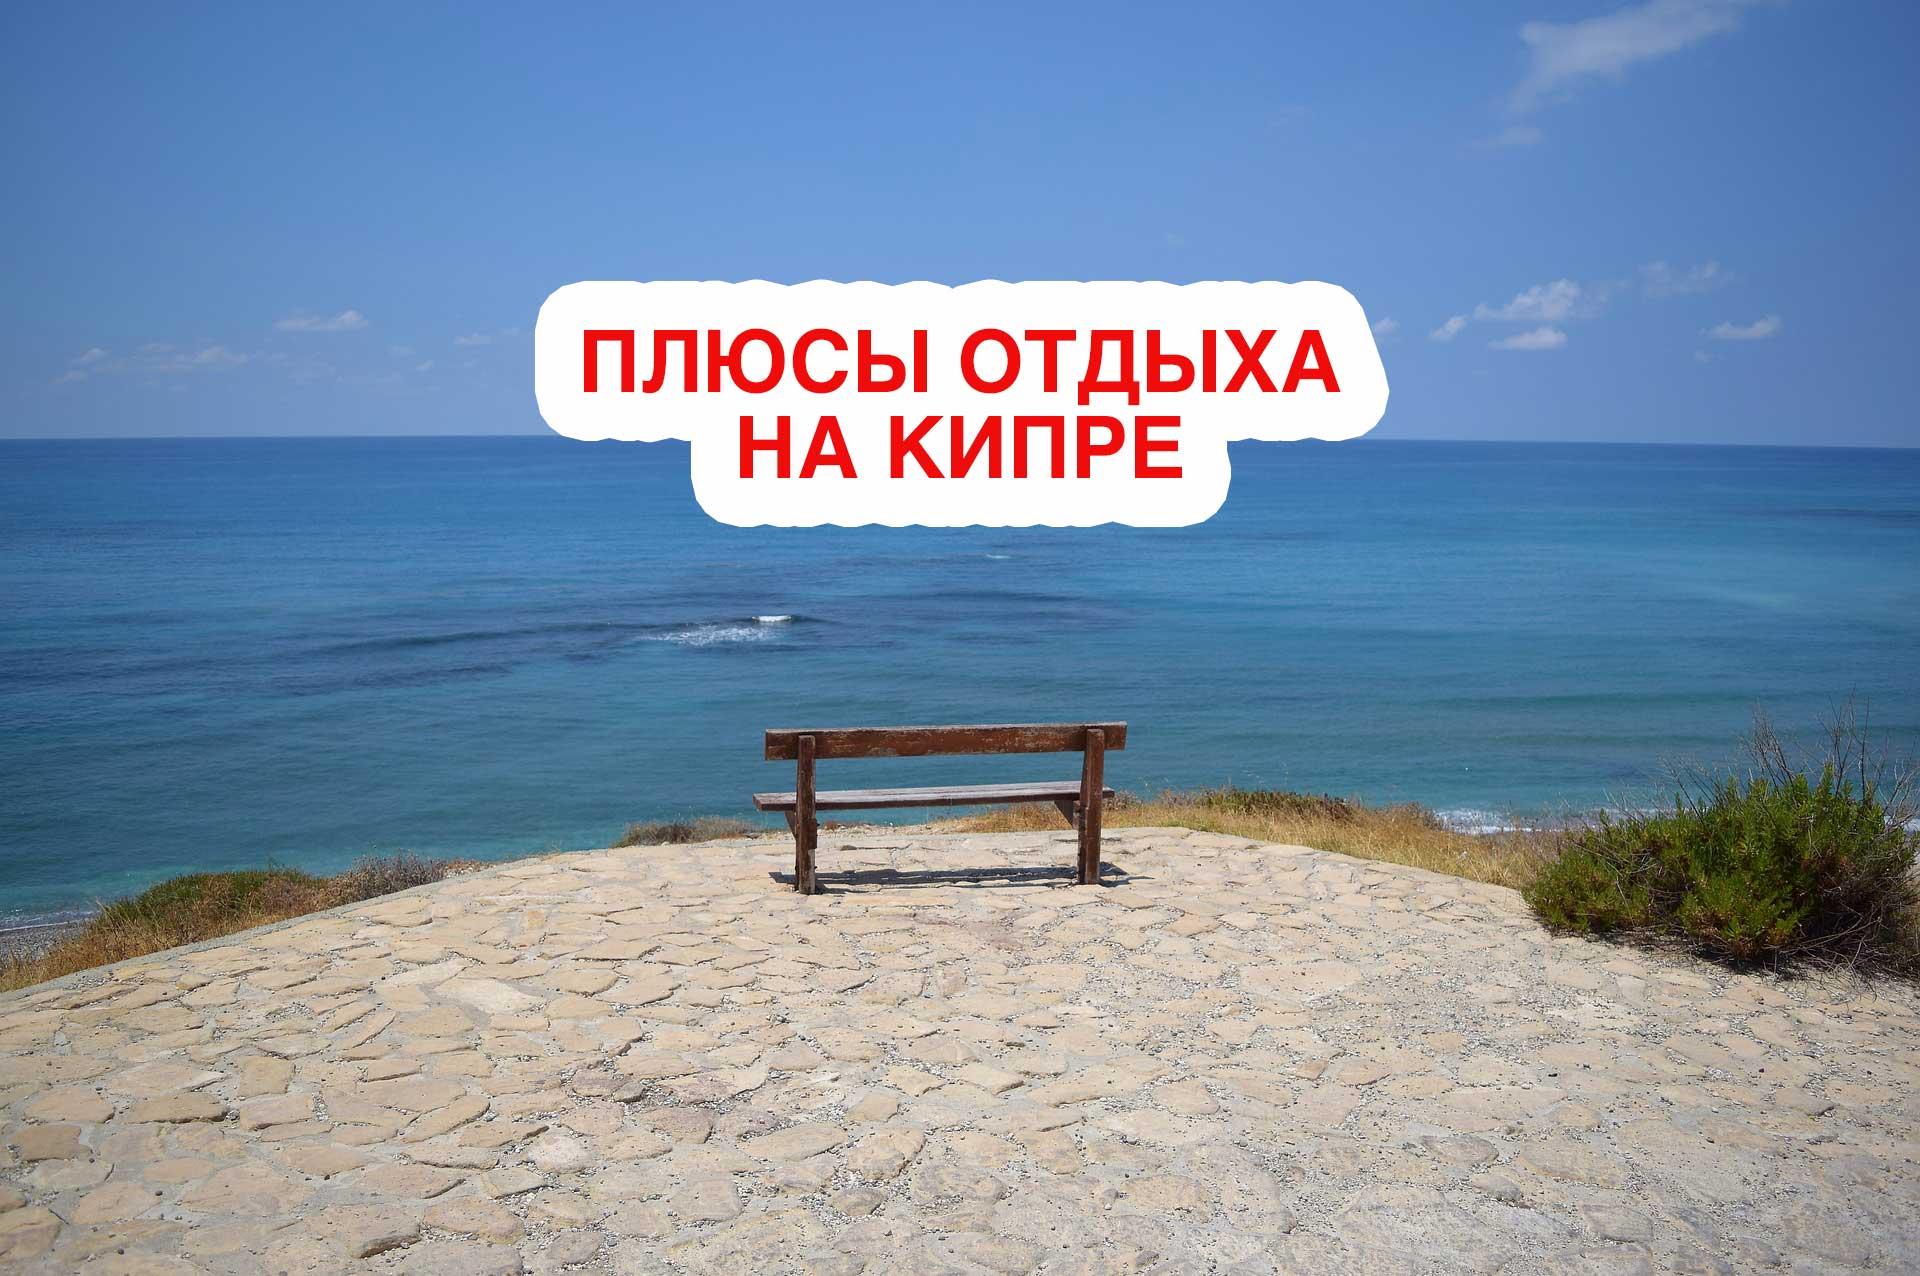 Плюсы отдыха на Кипре и что знать туристу?